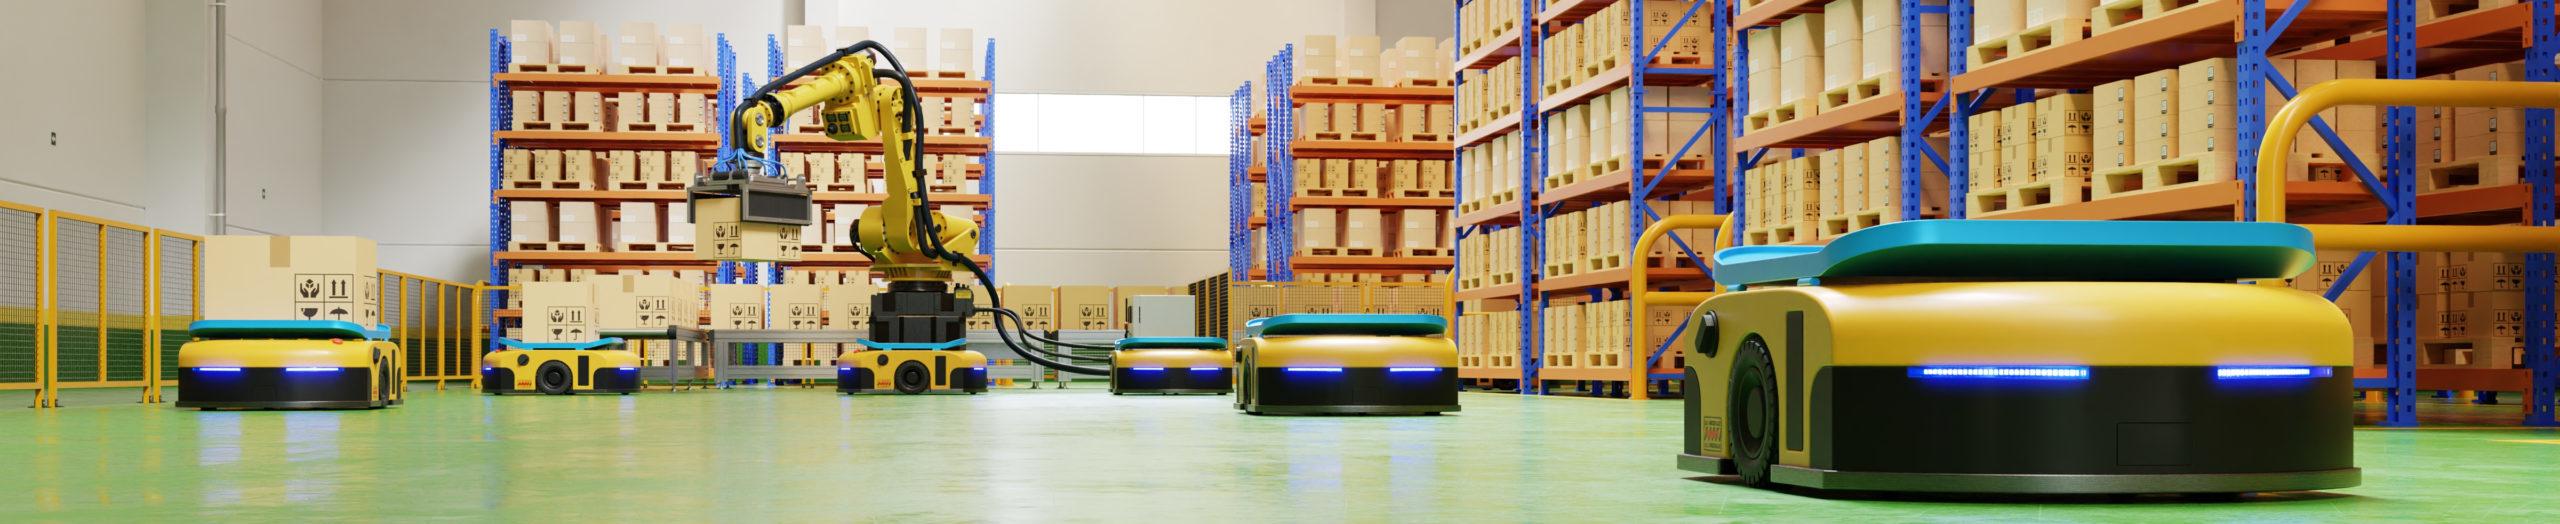 Gestion d'un entrepôt par des robots